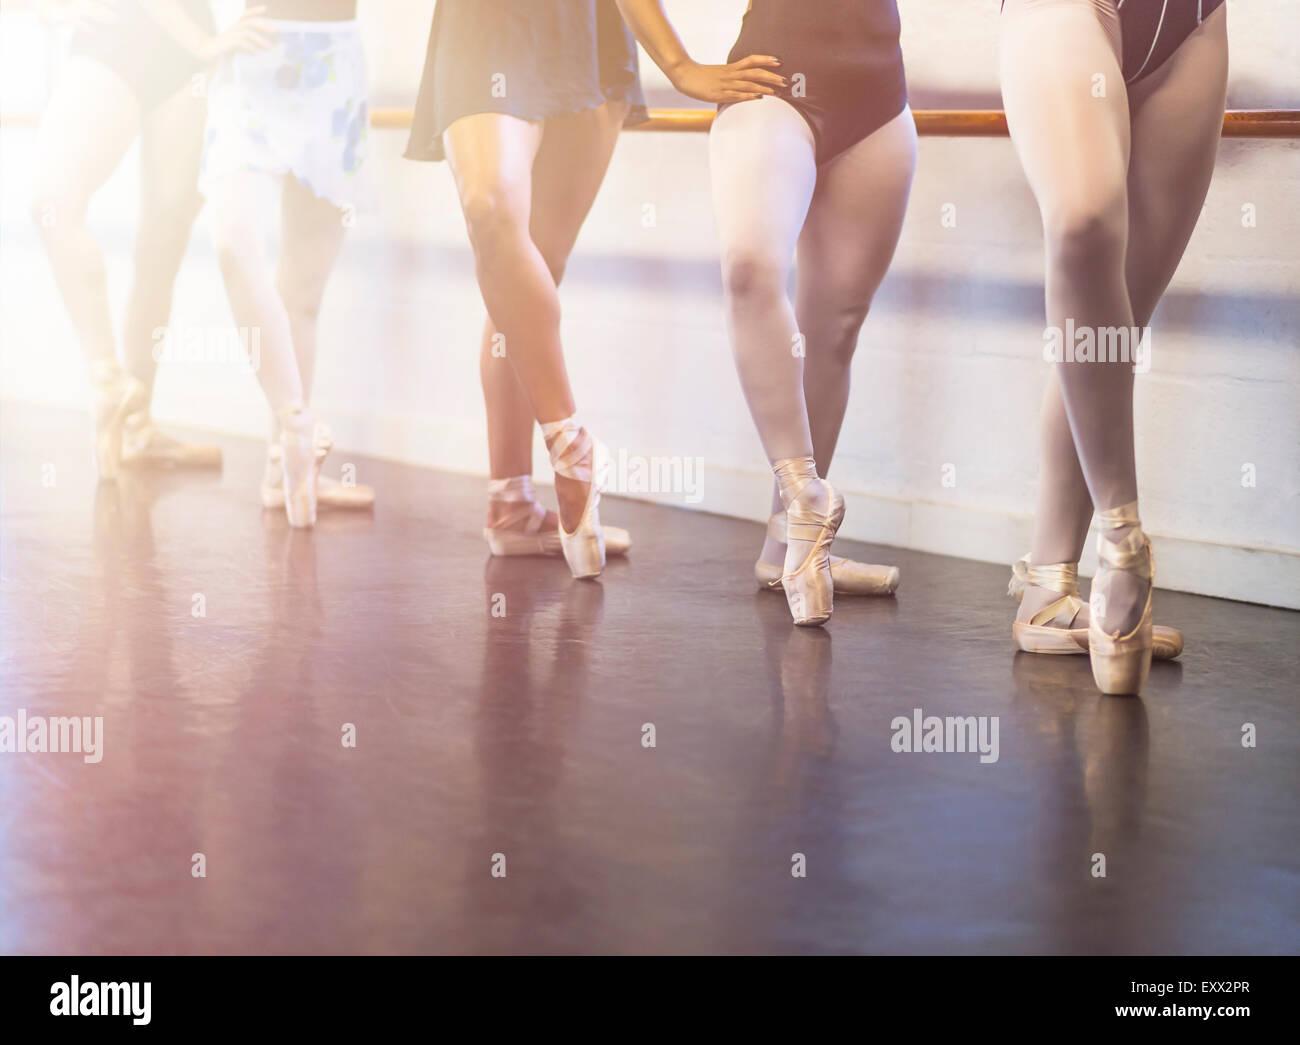 Giovani donne che danzano in studio di danza Immagini Stock